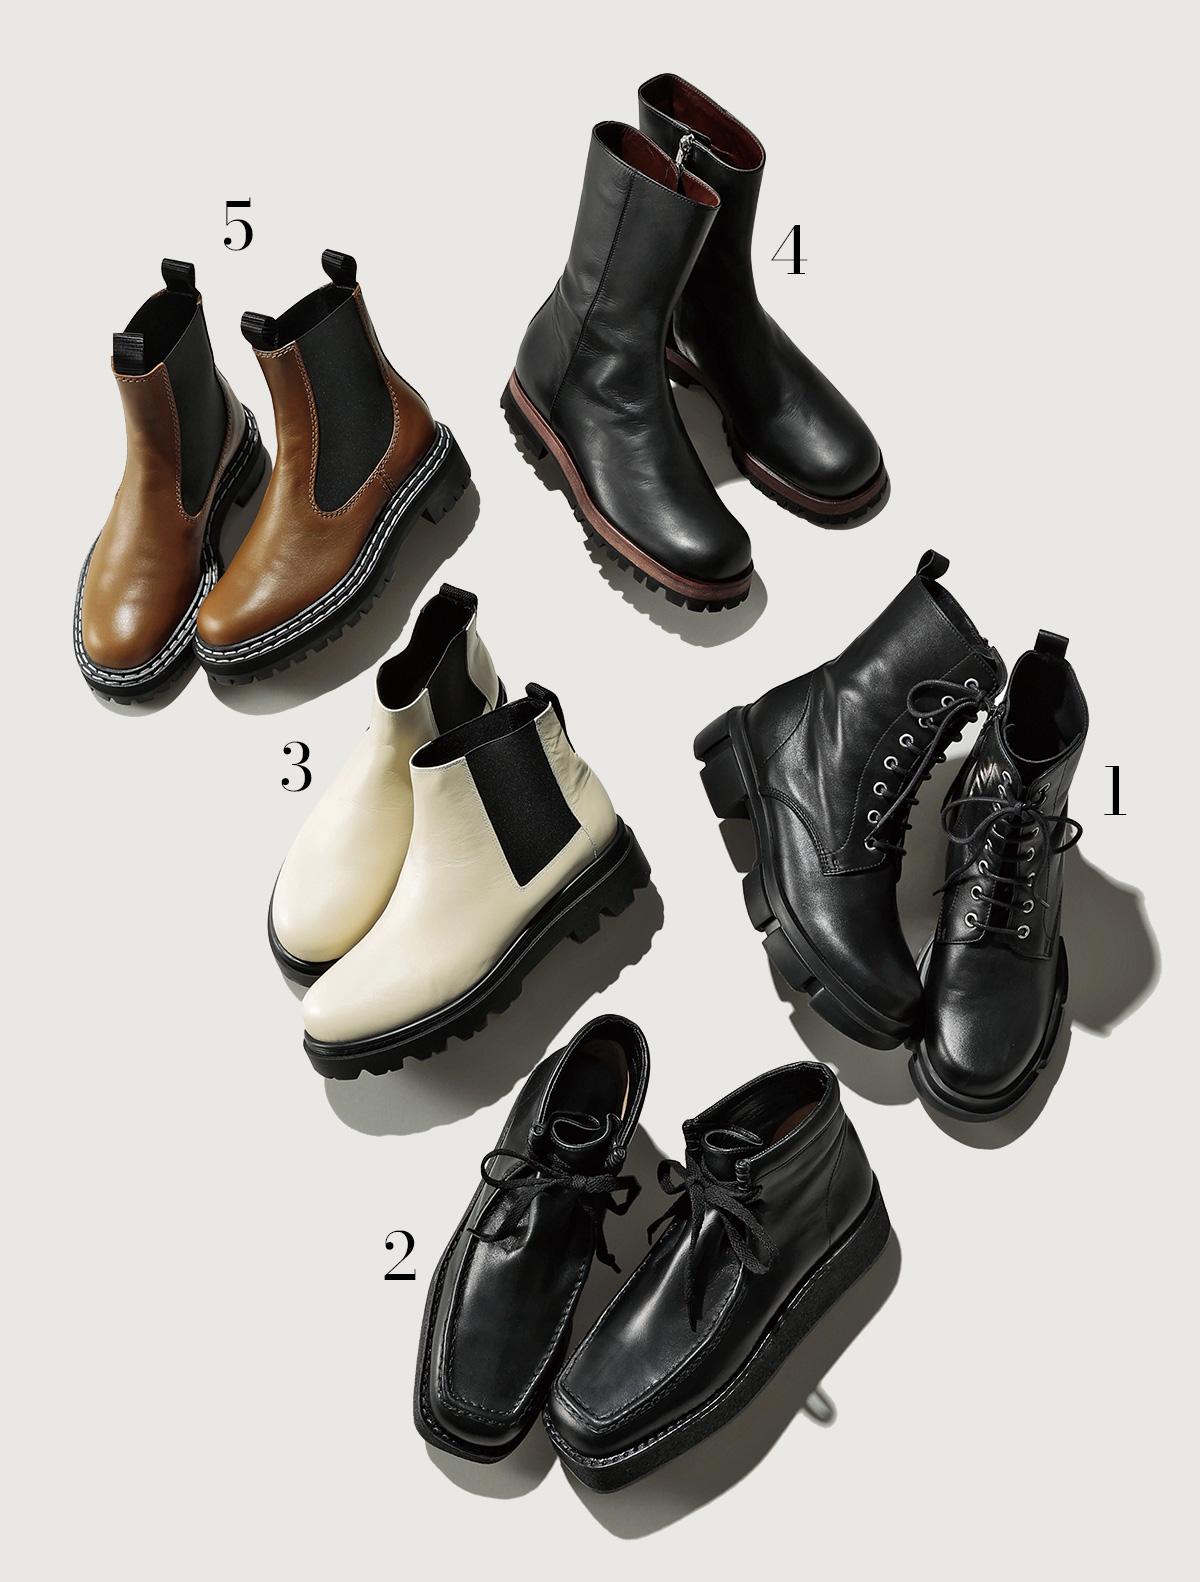 ペタンコなのにきれい見え!美脚フラット&旬ごつ靴でリラックスカジュアルstyle